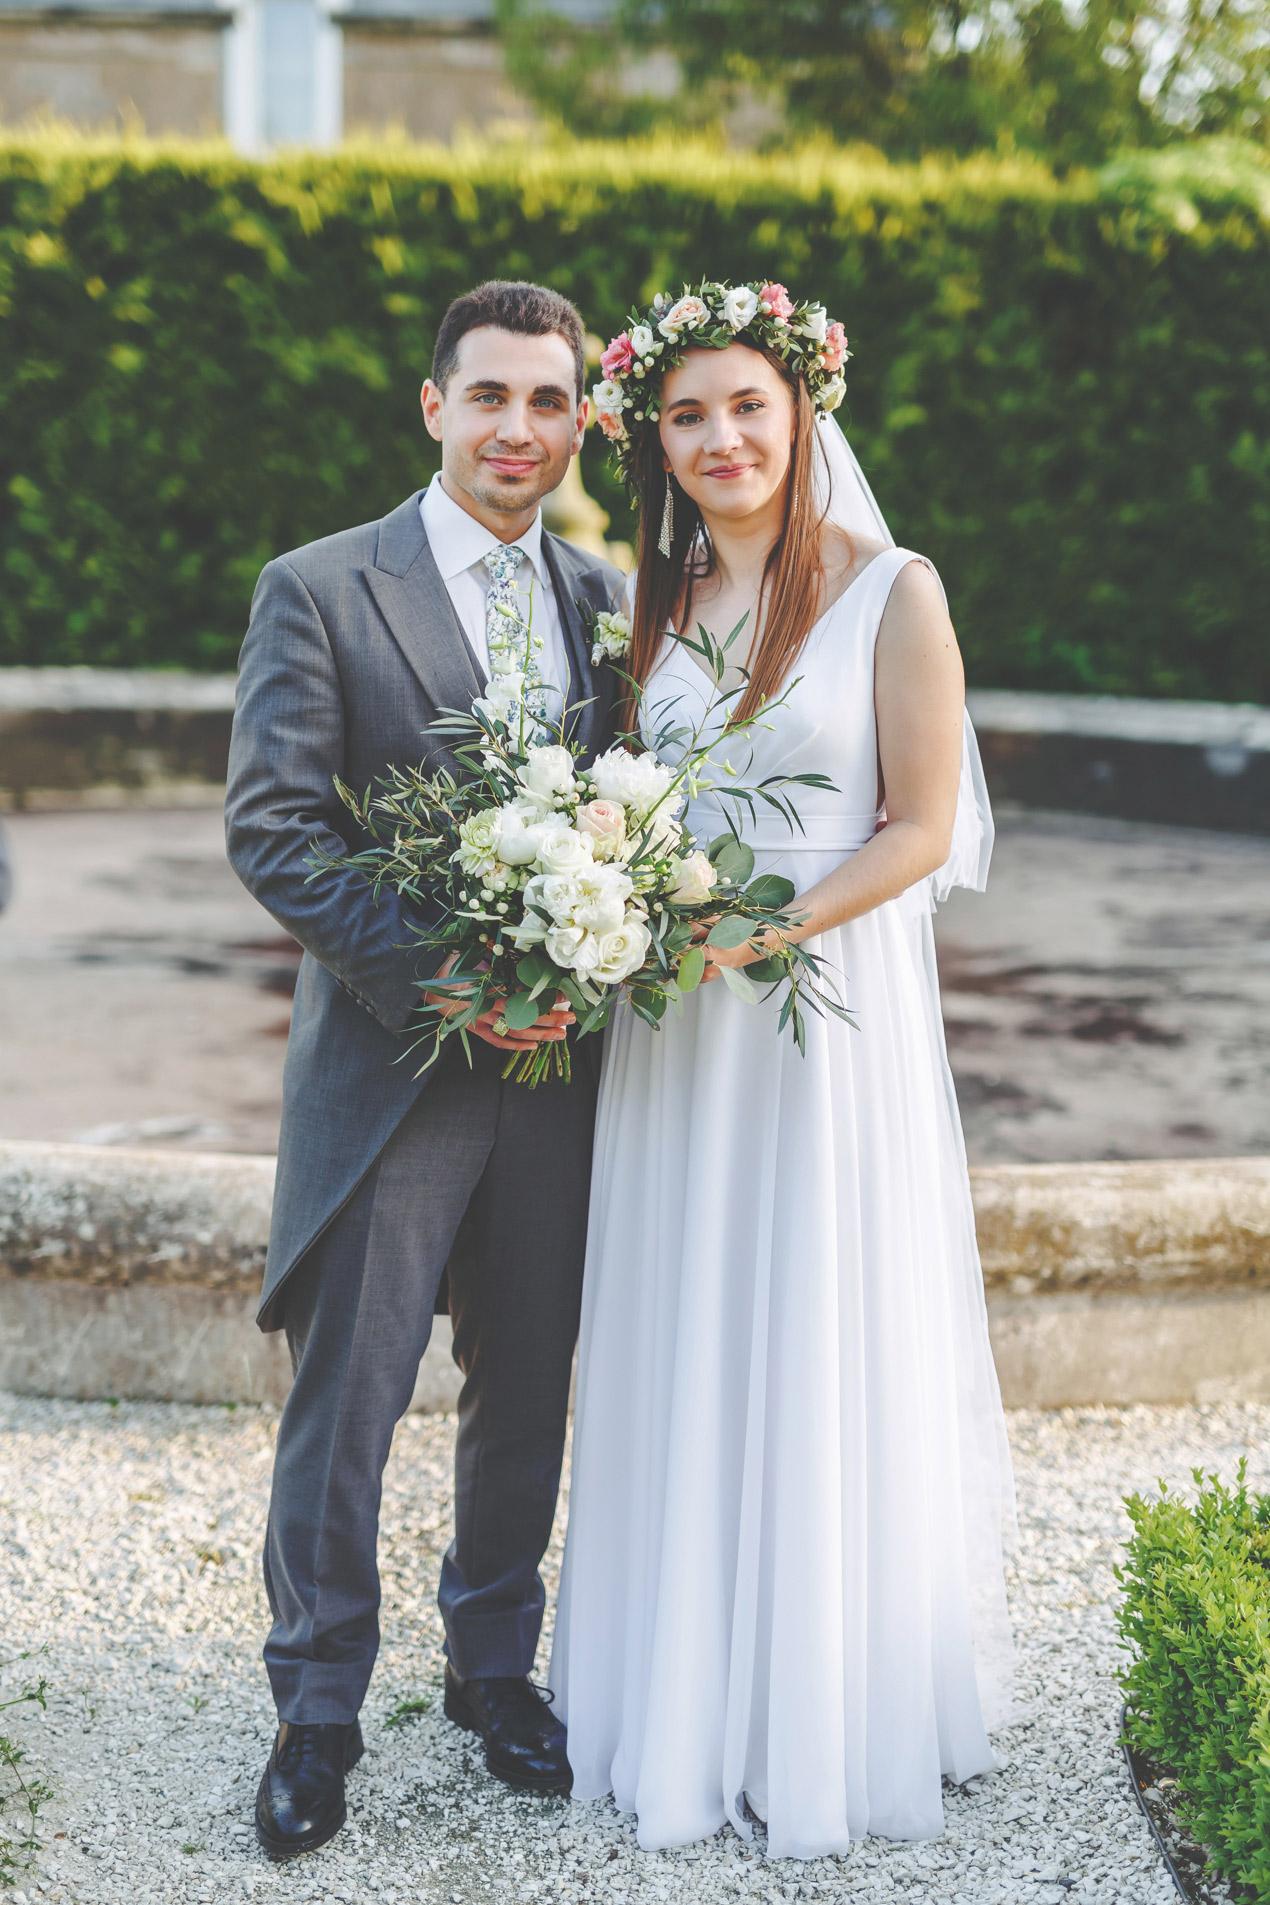 fotografia ślubna, Pałac Brunów, fotograf ślubny Jelenia Góra, zdjęcia ślubne, wesele w pałacu